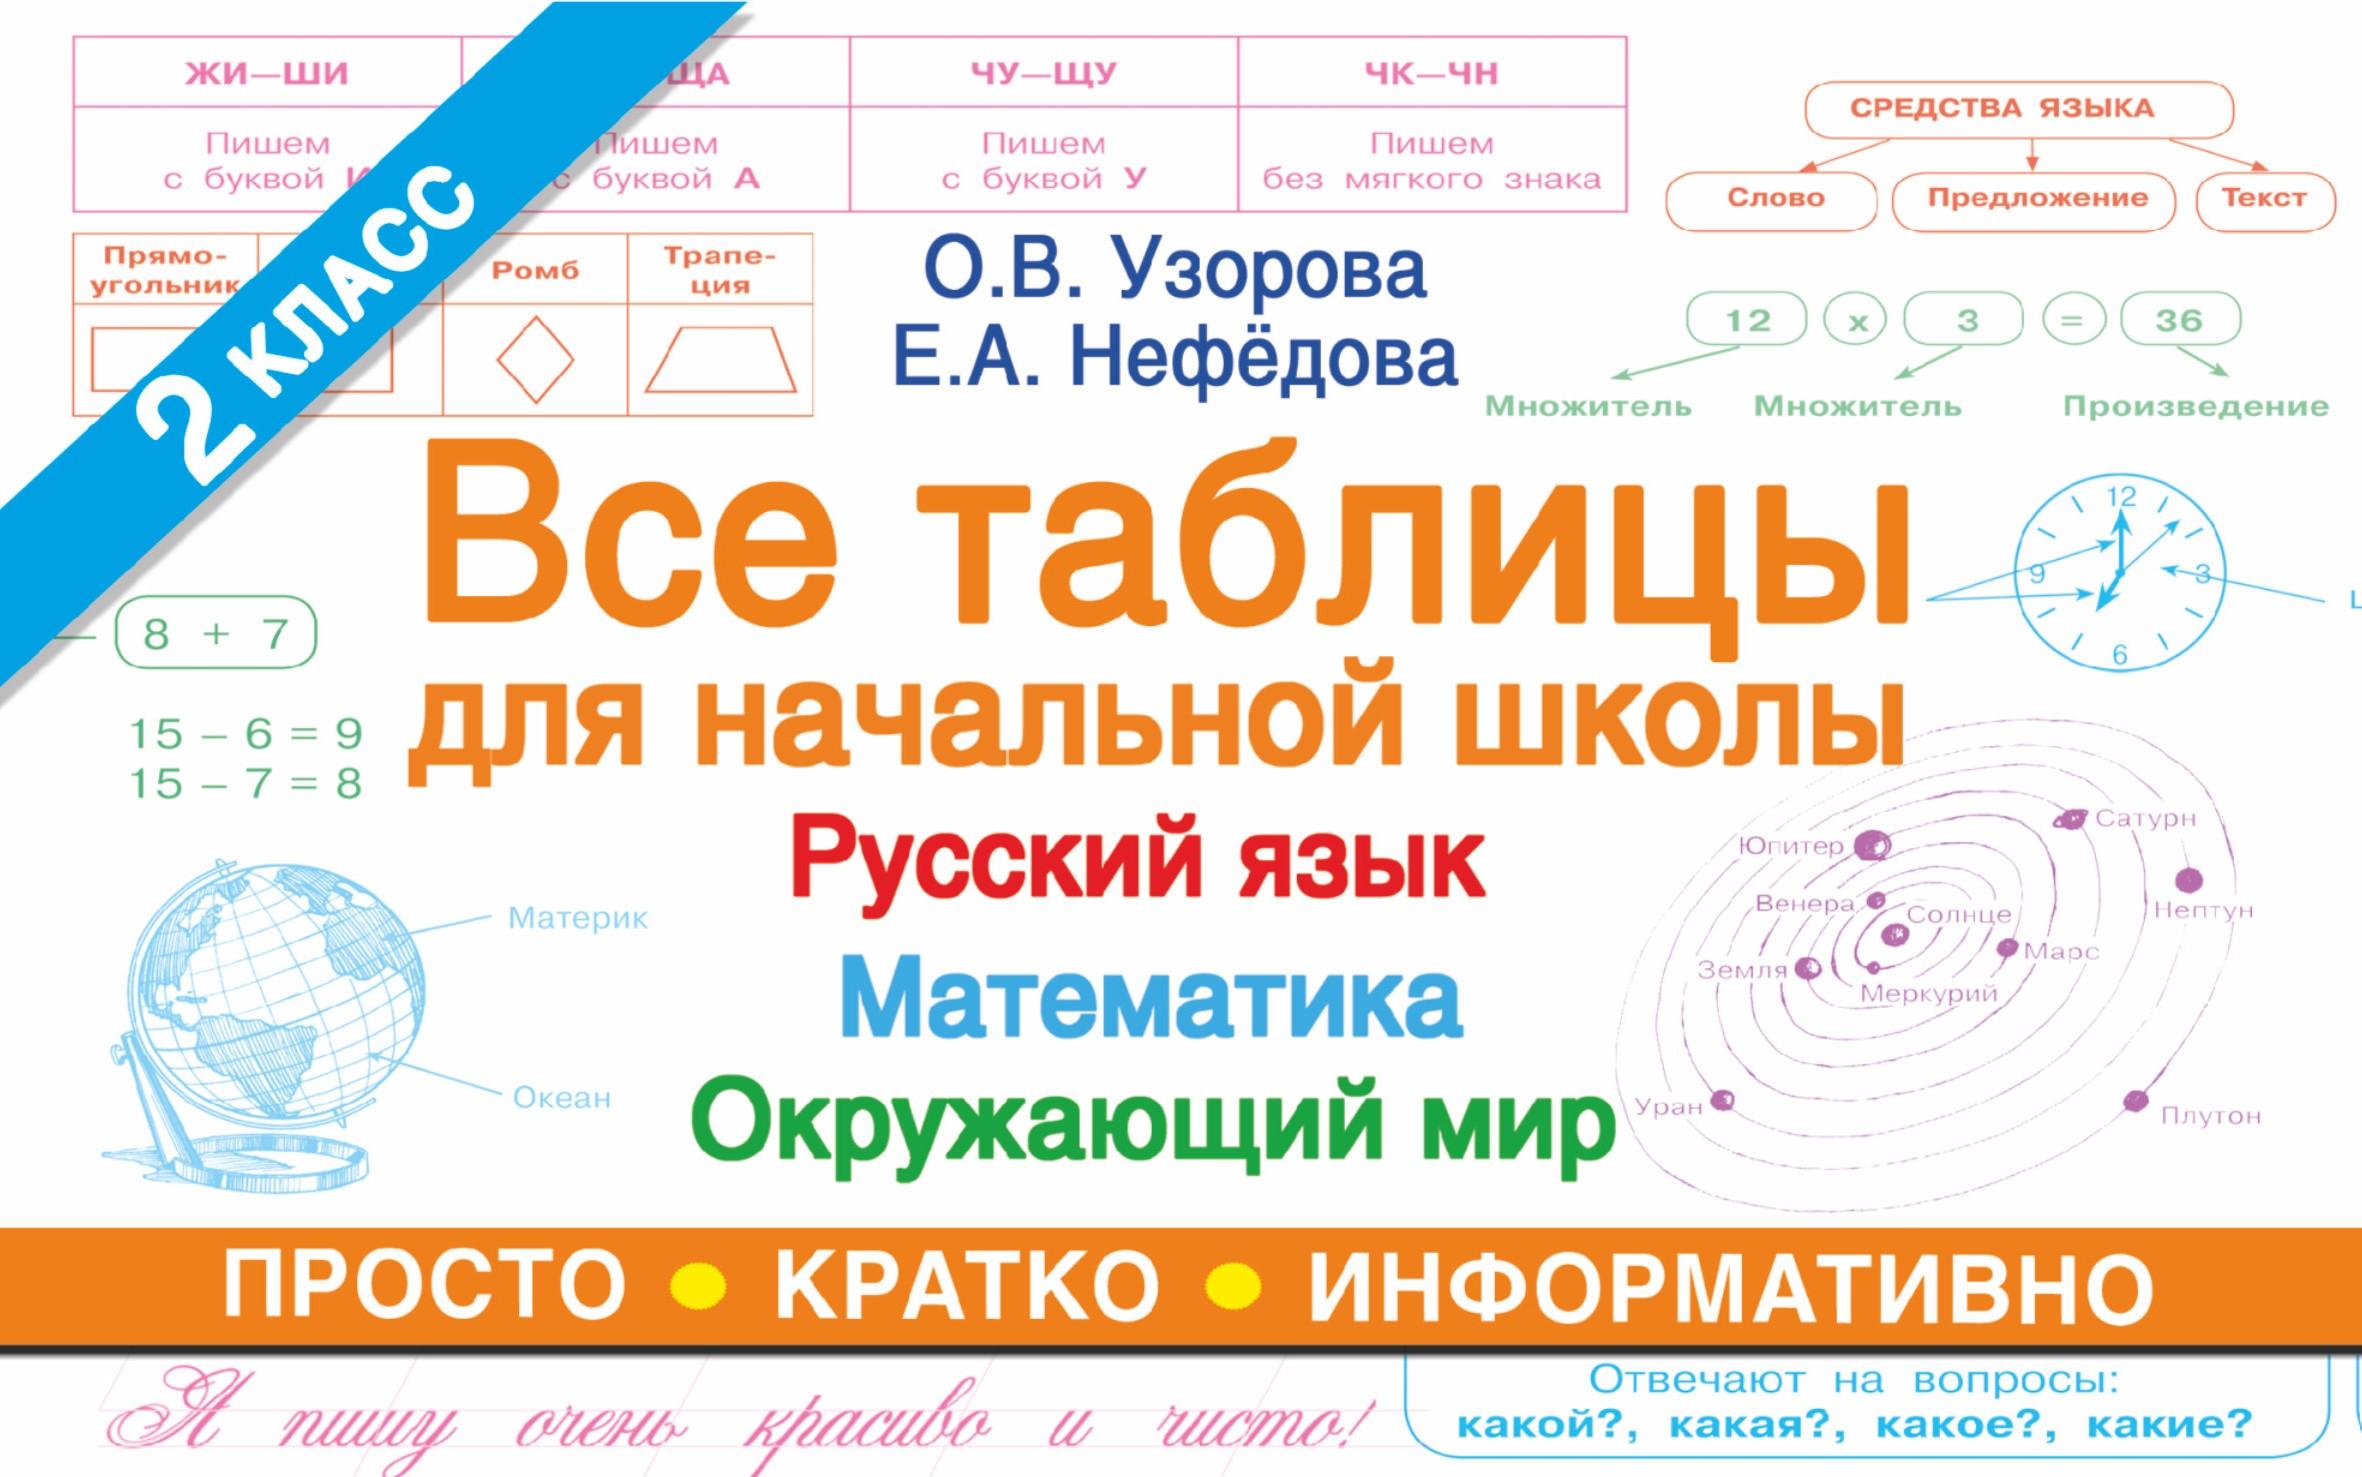 Все таблицы для 2 класса. Русский язык. Математика. Окружающий мир ( Узорова О.В.  )